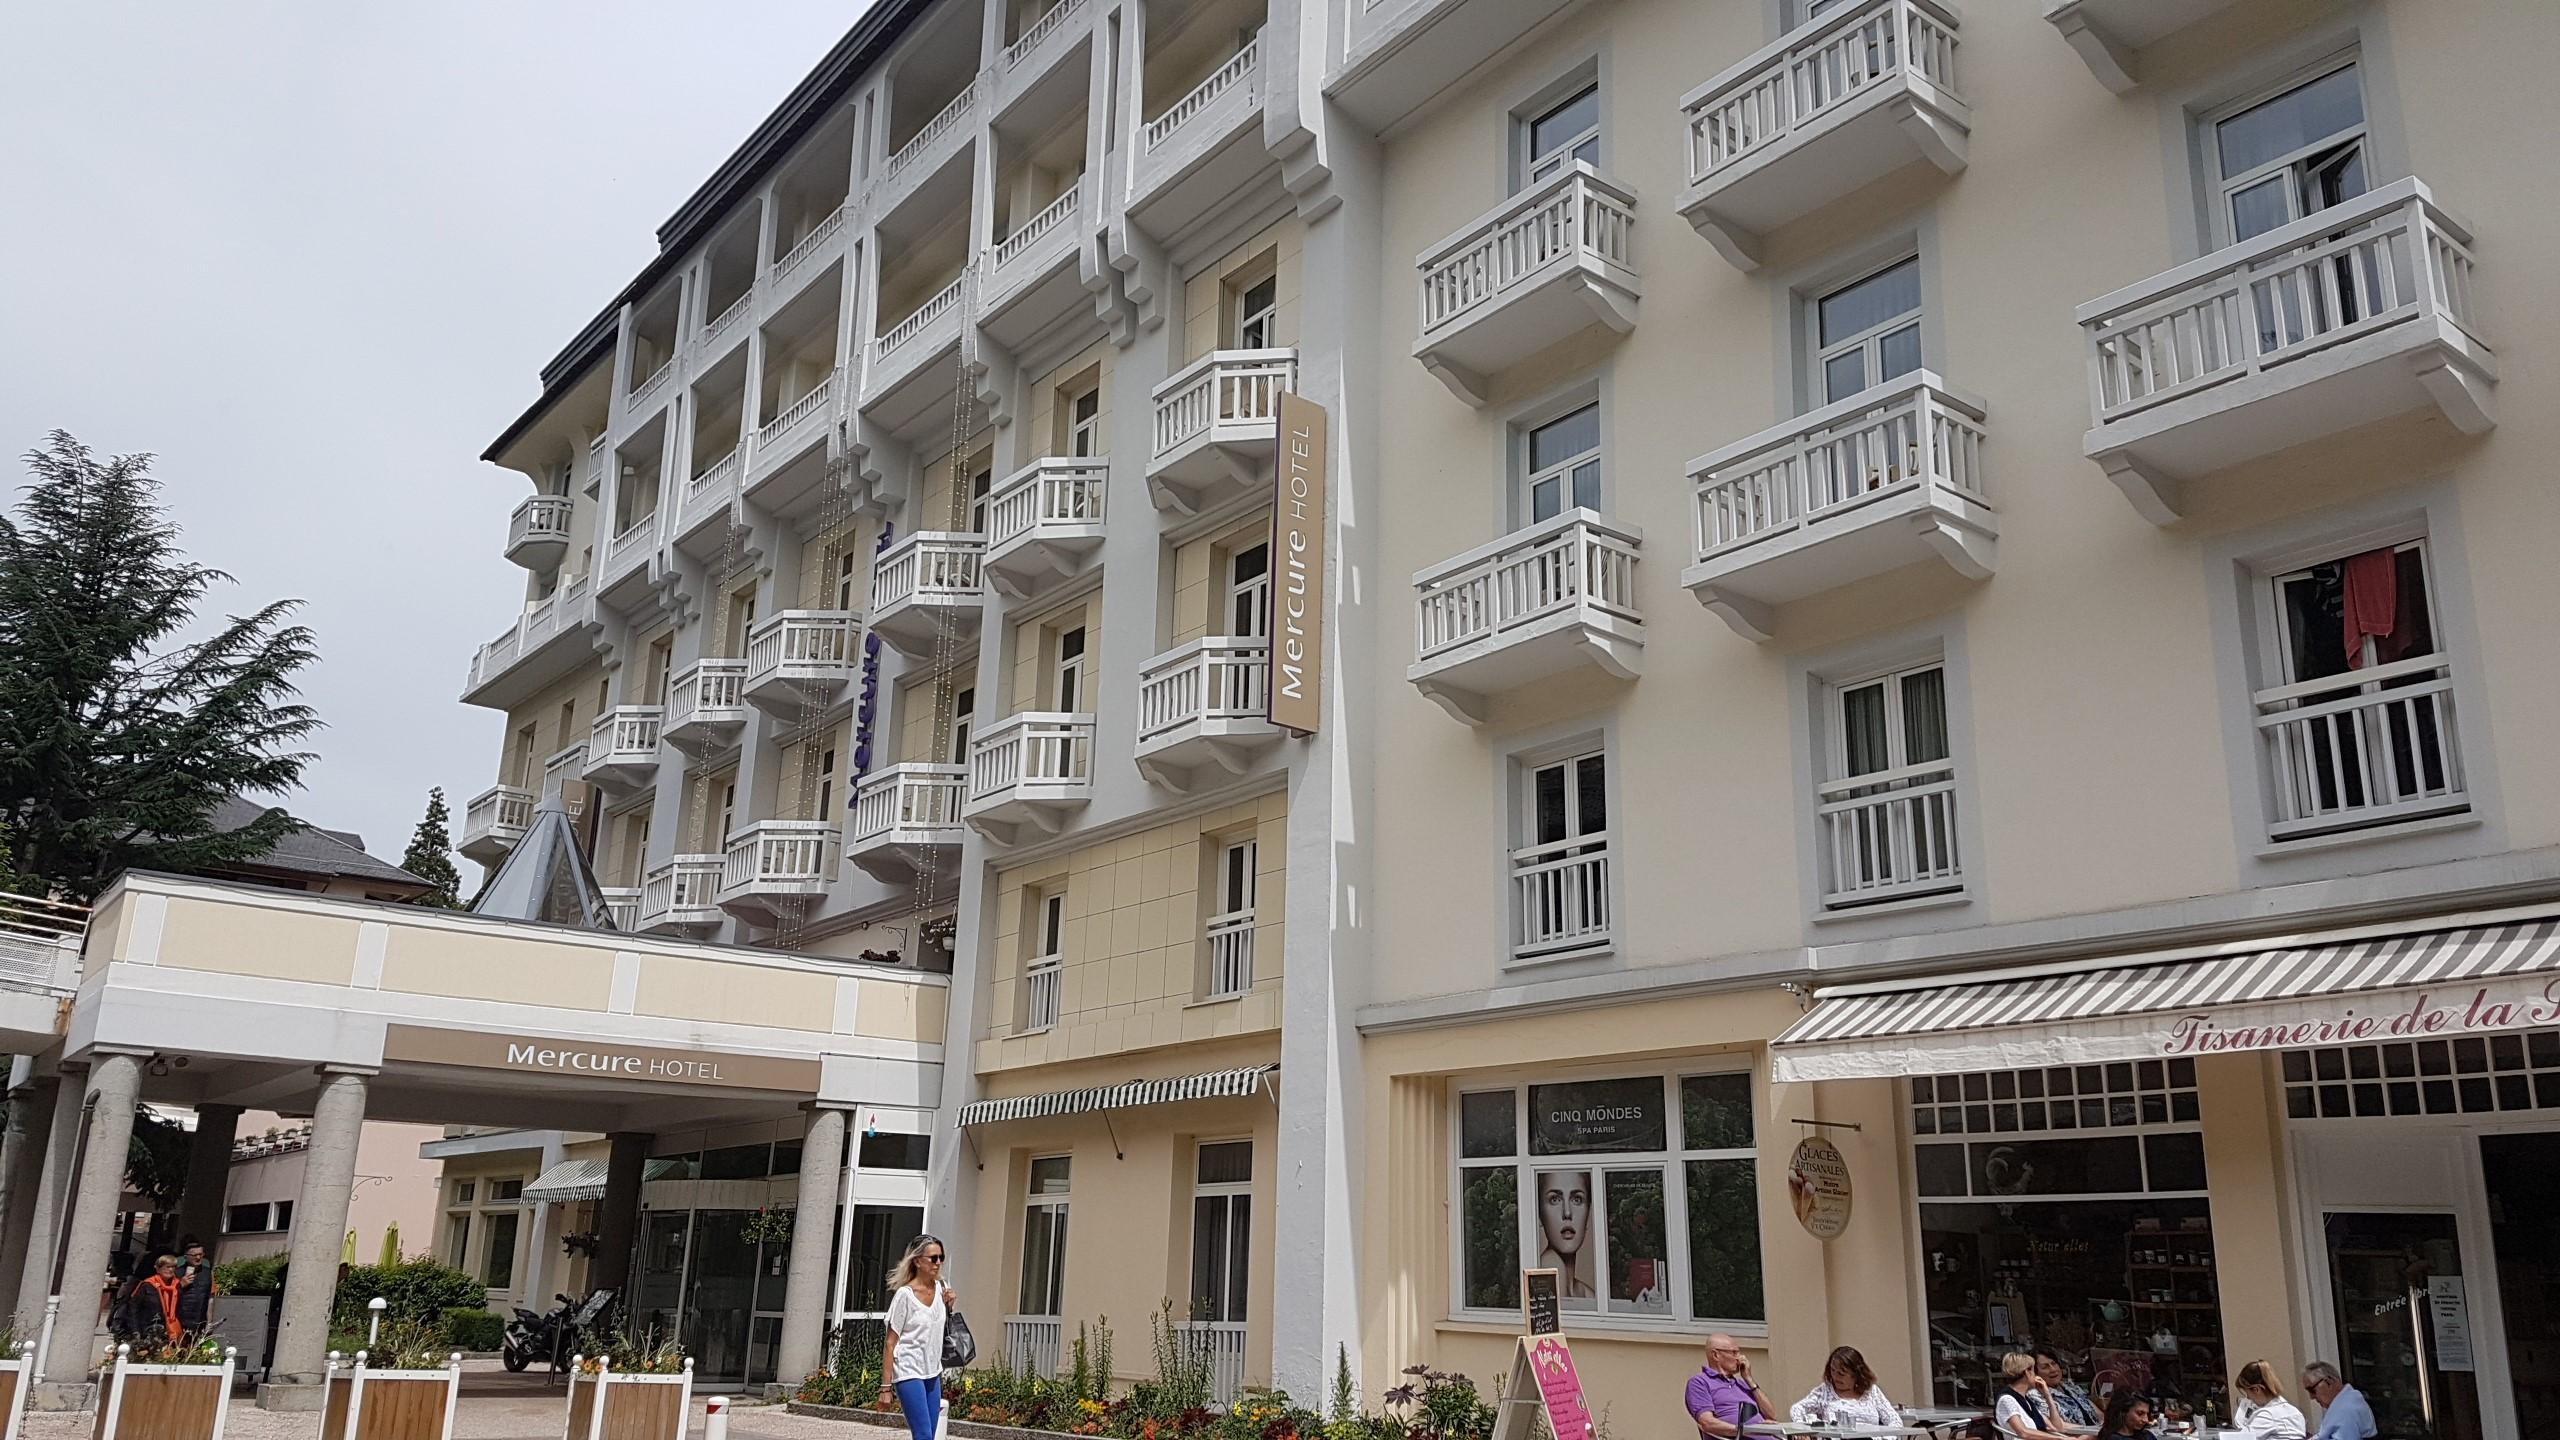 Brides-les-Bains - Mercure Hotel